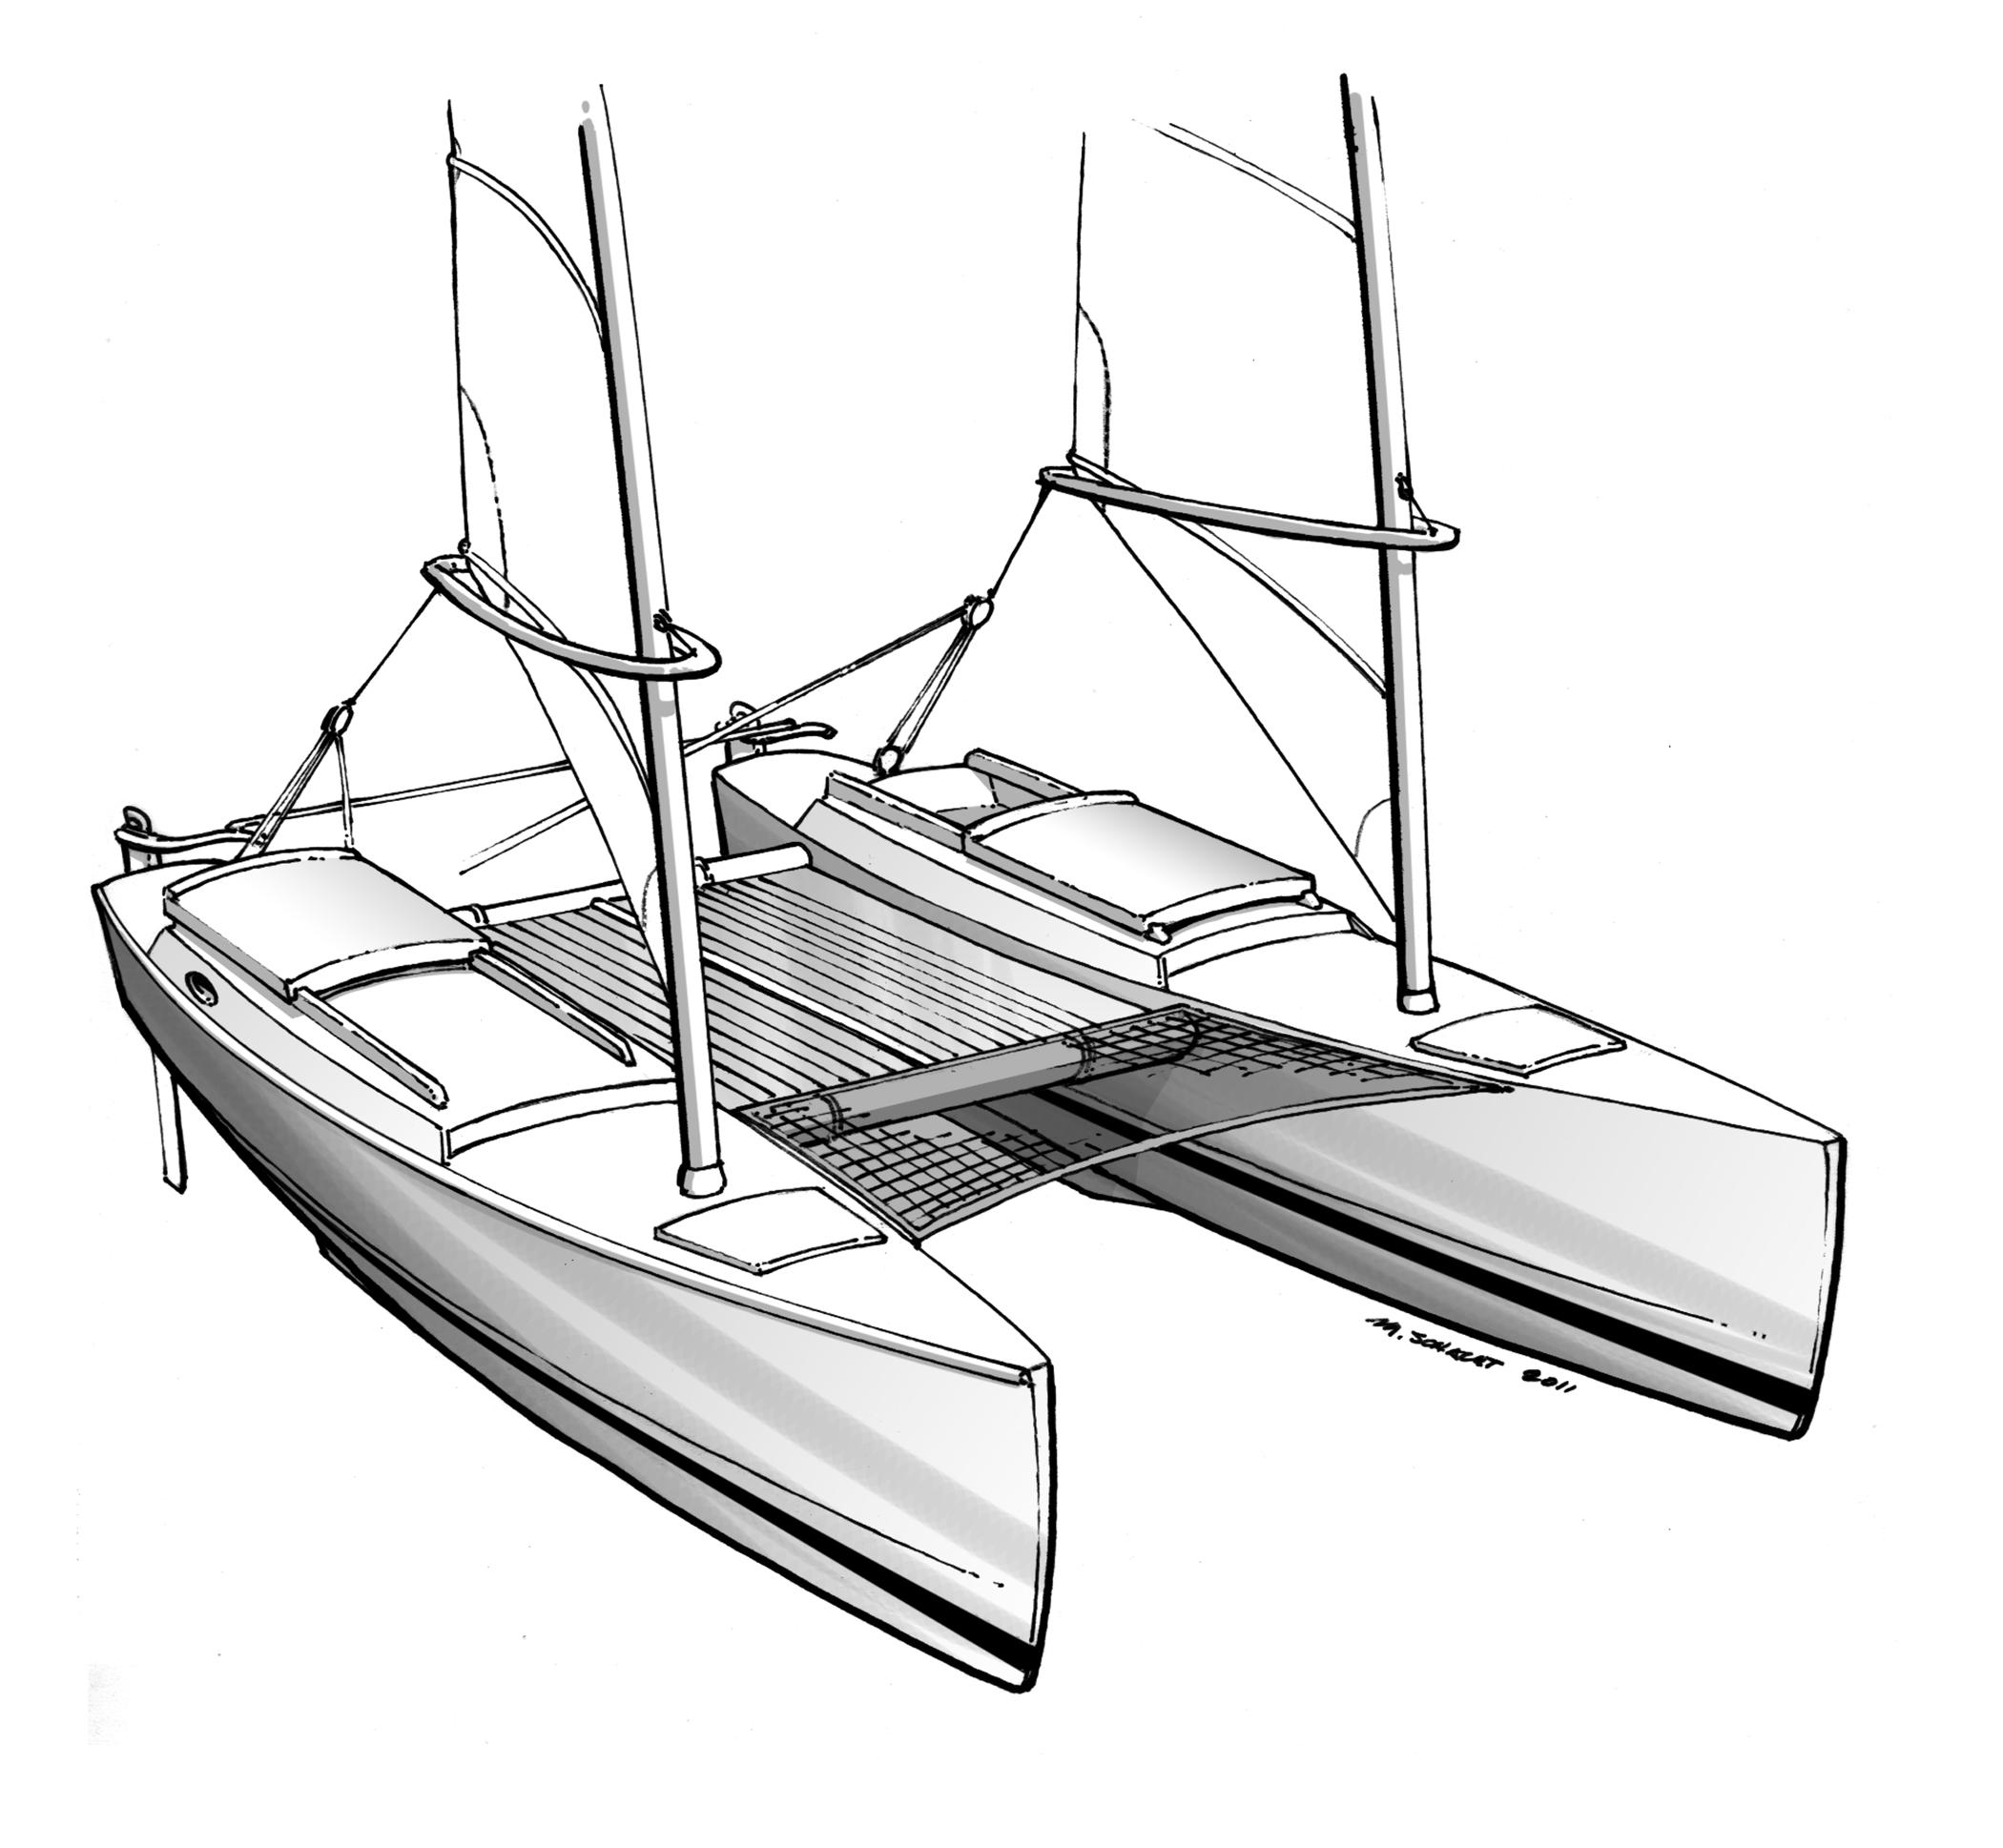 Proa File | Evergreen - a Fast Expedition Catamaran